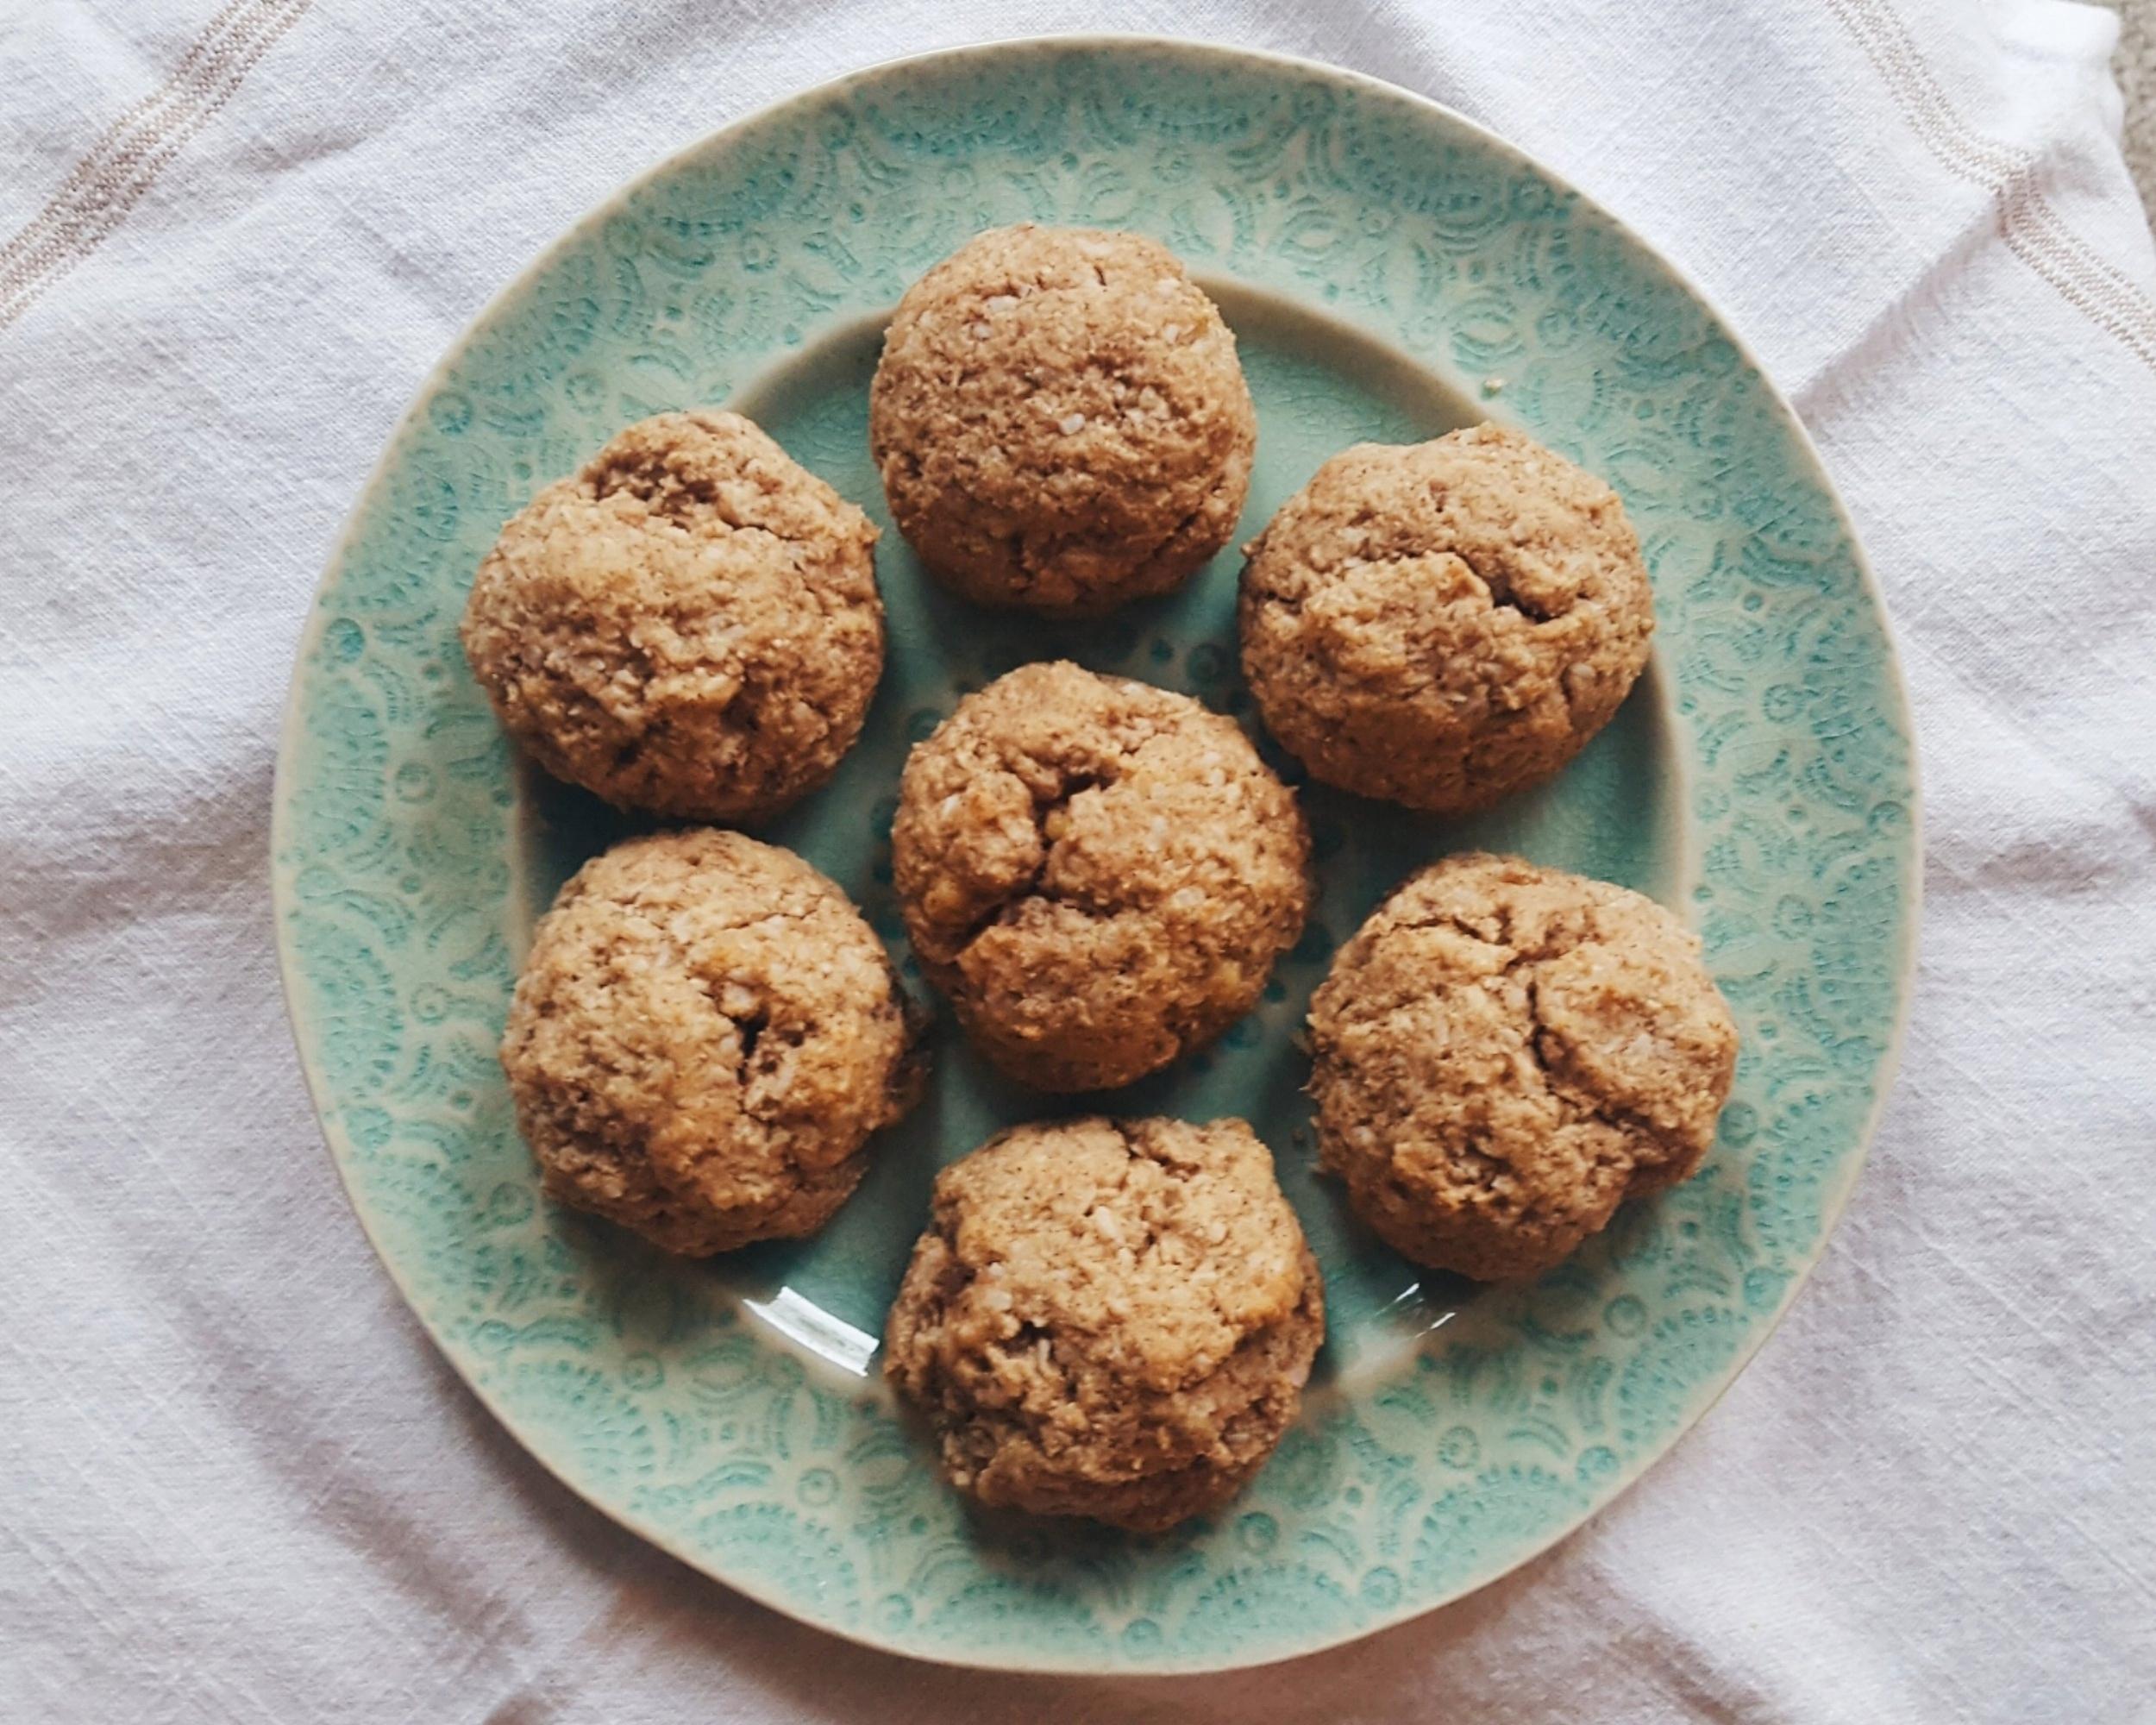 Flourlessbananacoconutcookies.jpg